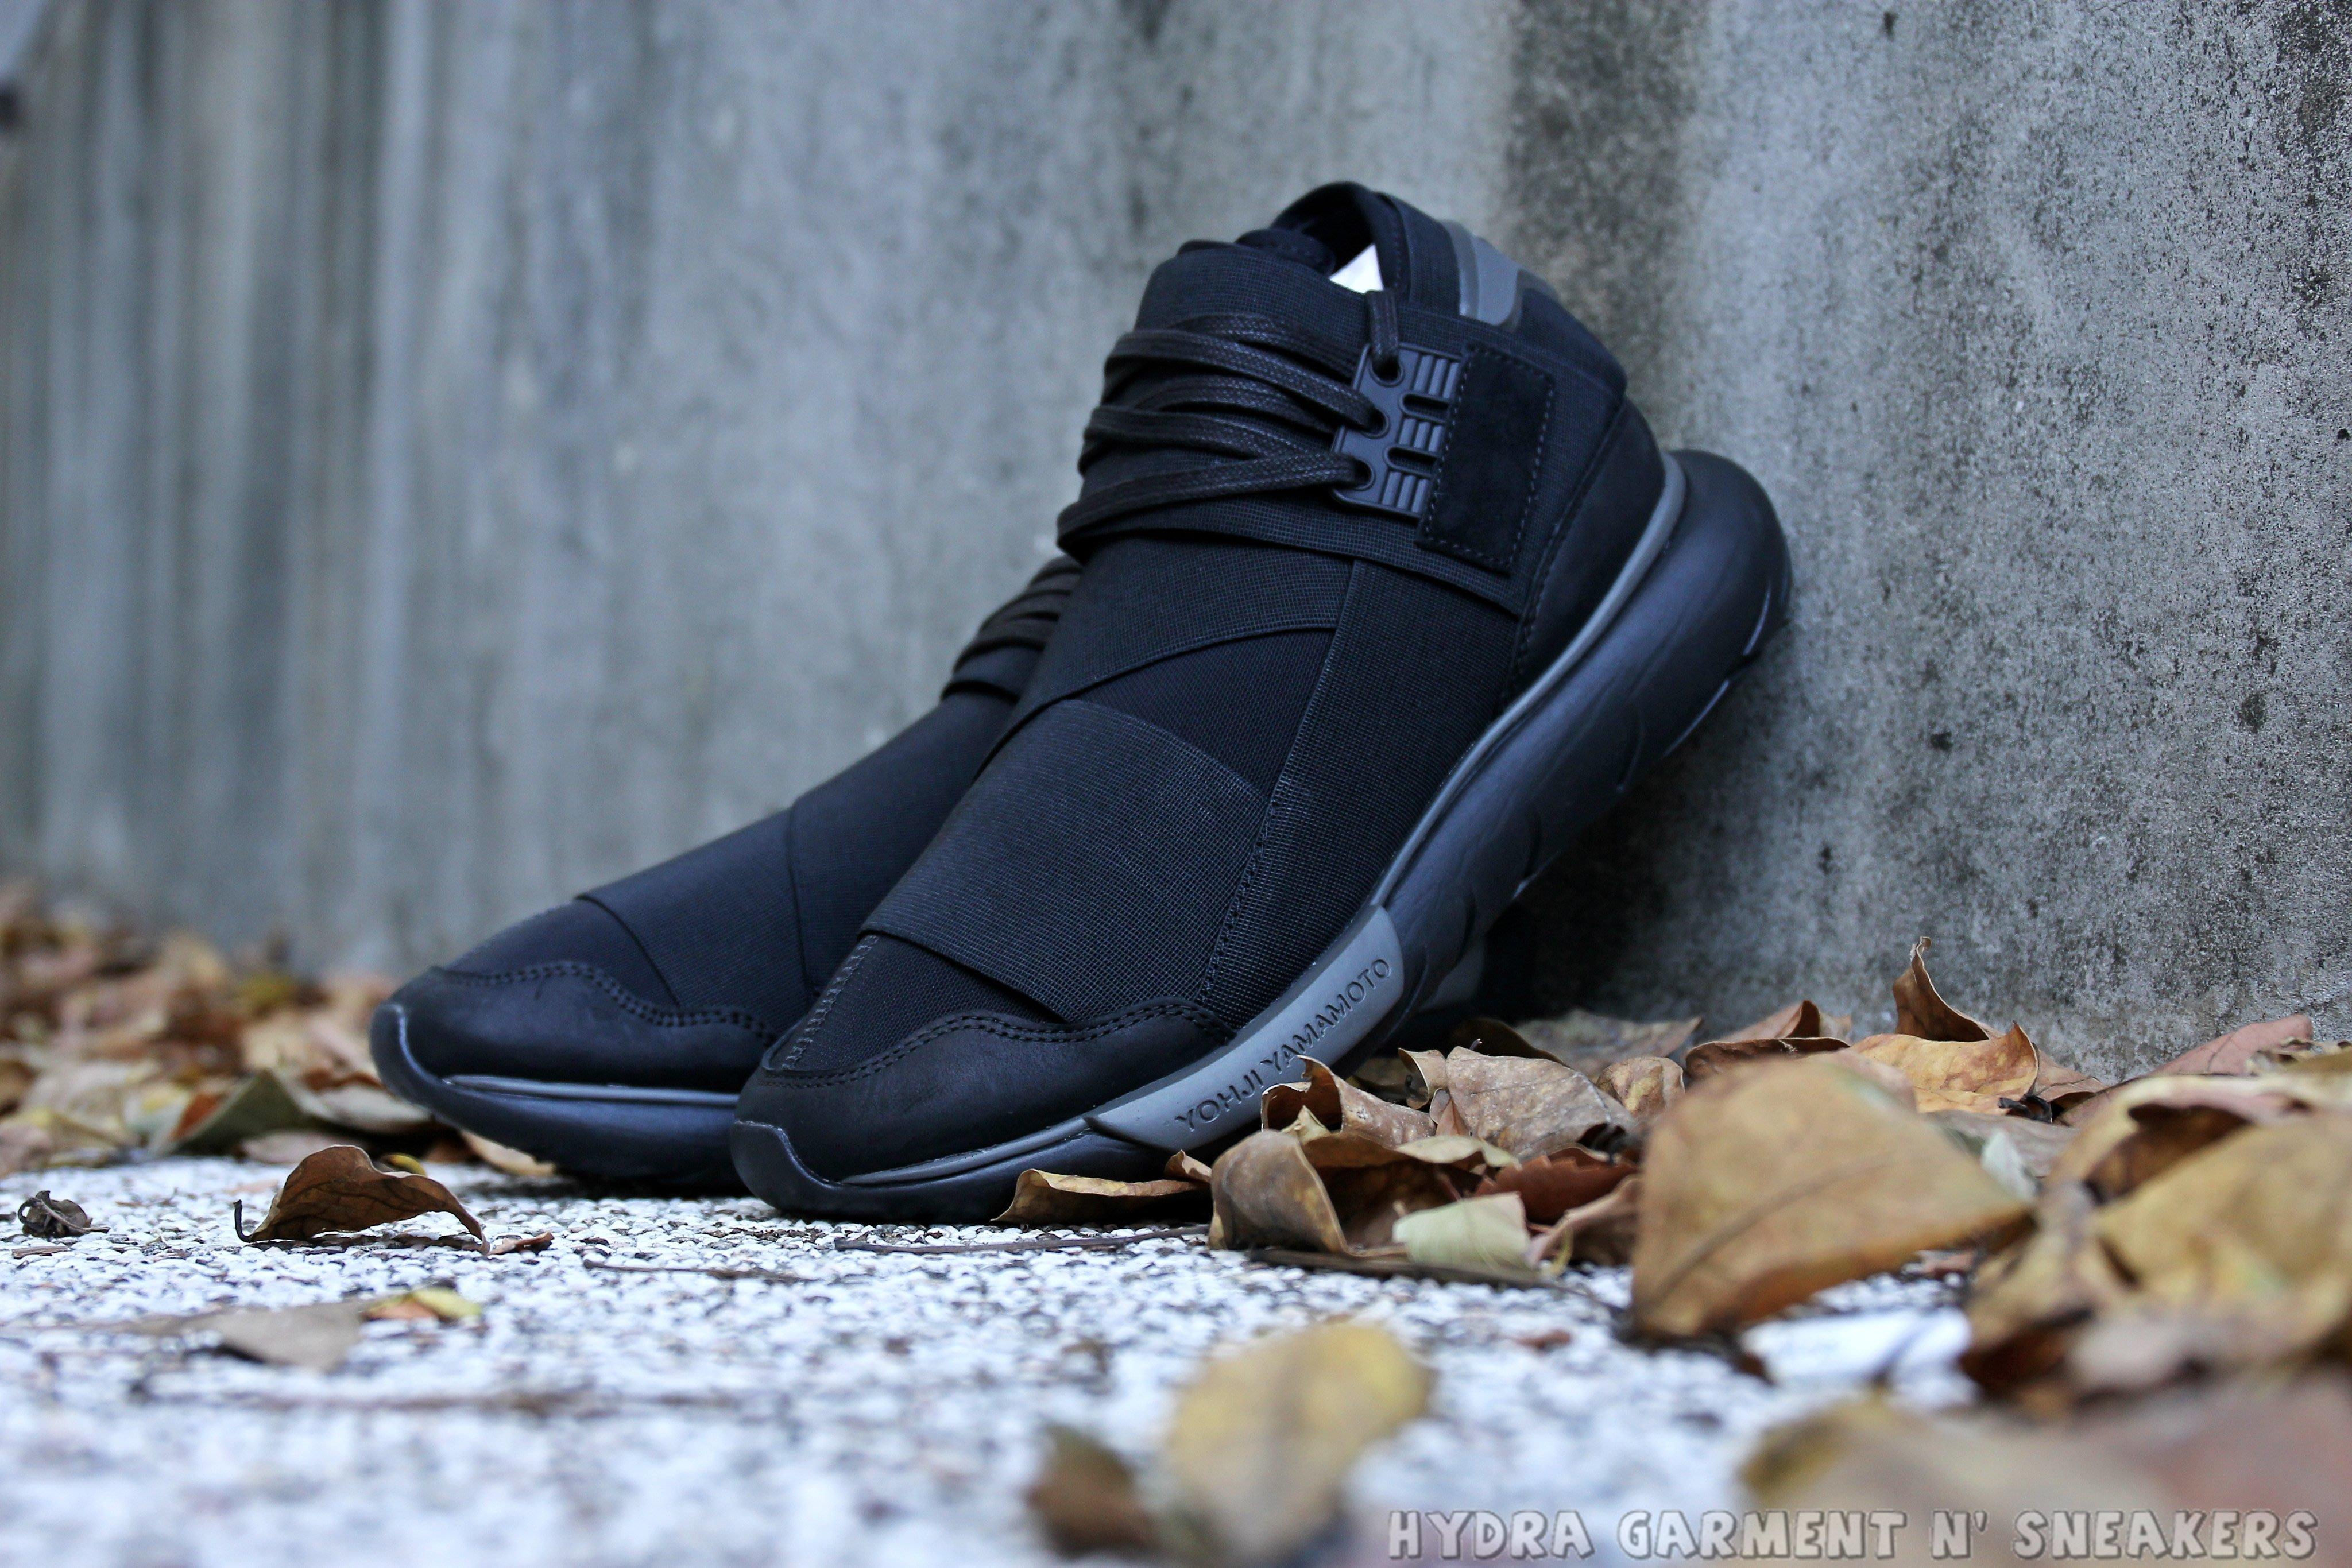 3bb044fca HYDRA Adidas Y-3 Qasa High Triple black 全黑武士鞋山本耀司 CP9854 ...